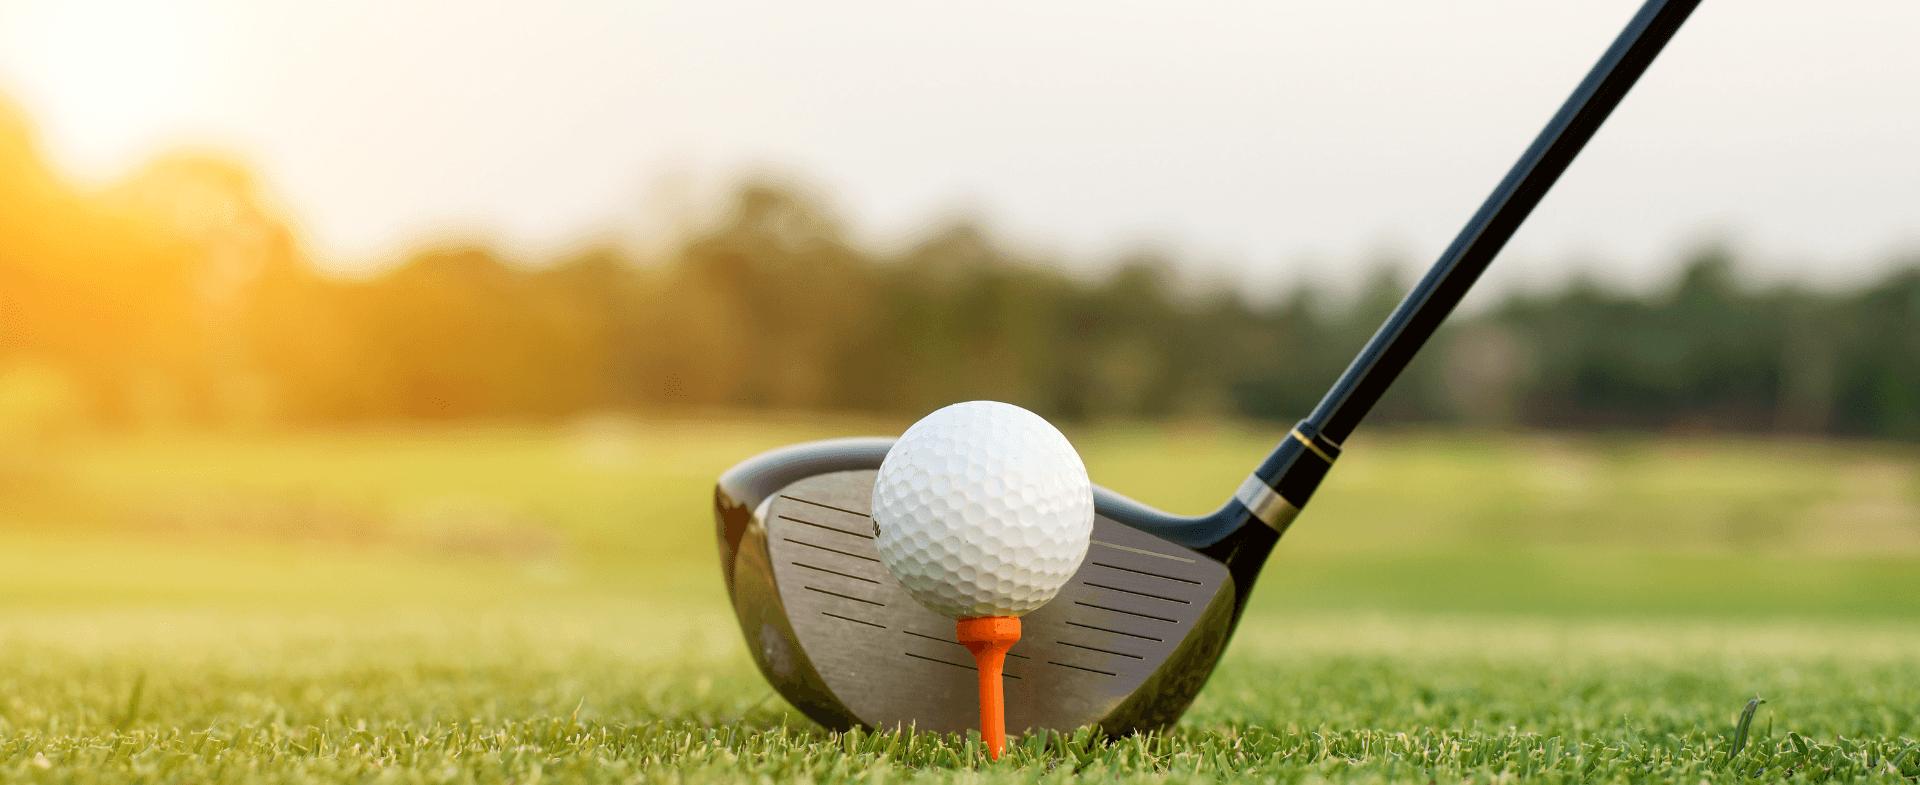 Golf Tournament Entry Fee